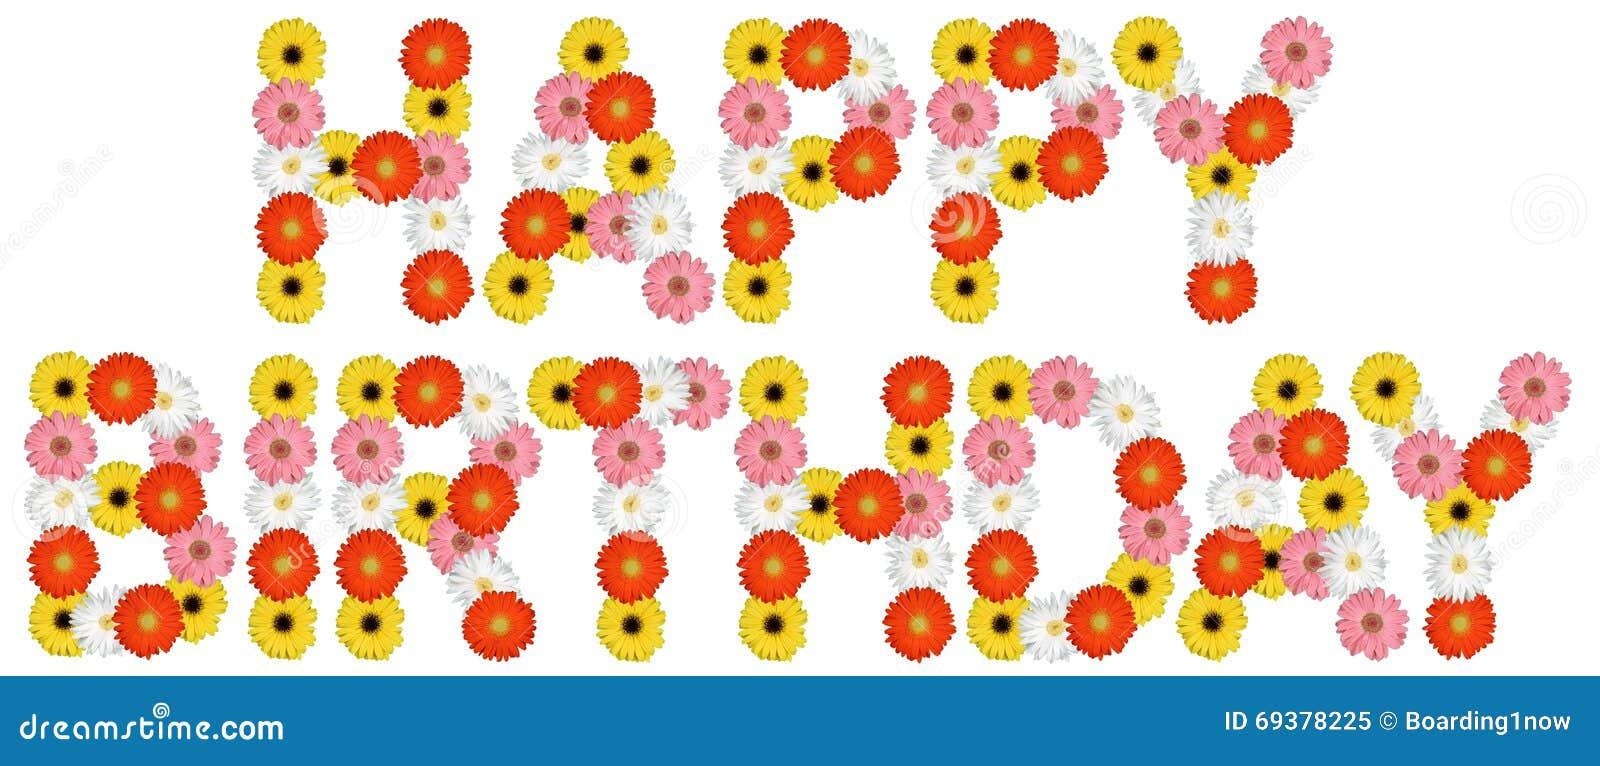 Alles Gute Zum Geburtstag Mit Blumen Bluhen Die Natur Die Auf Weiss